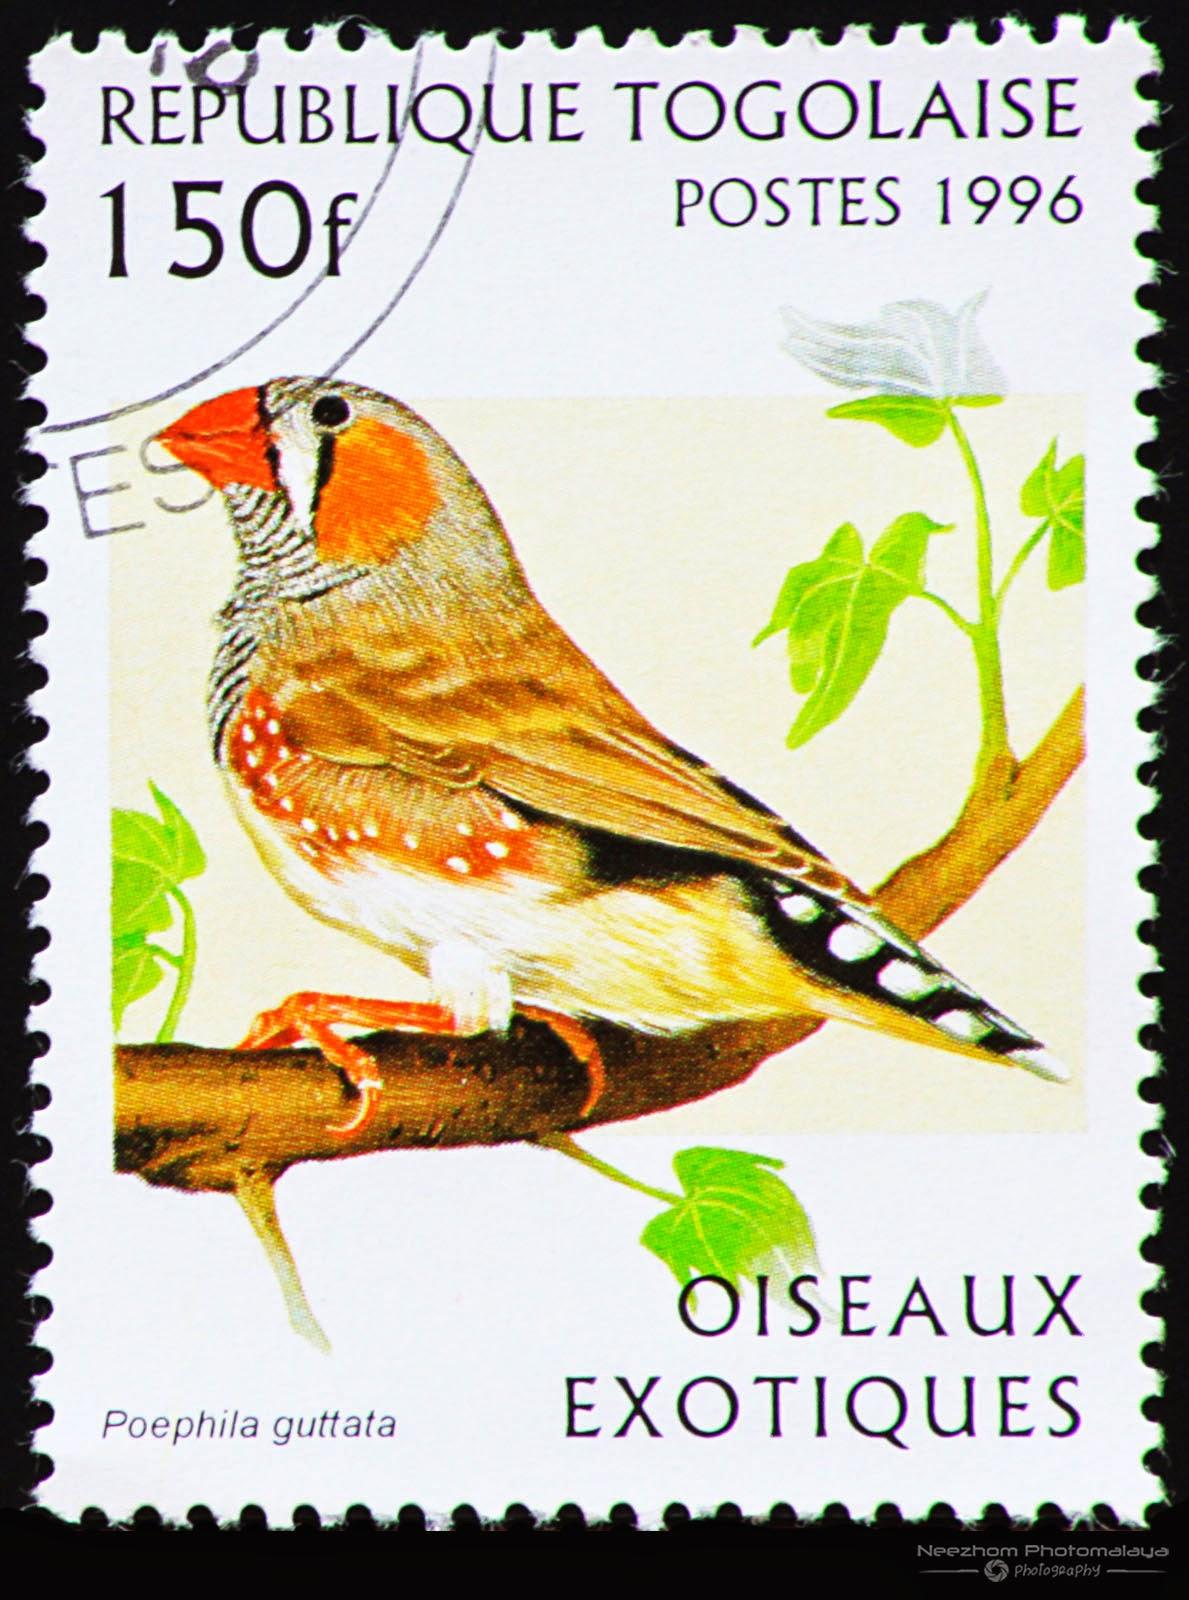 Togo 1996 Exotic Birds stamp - Zebra Finch (Poephila guttata) 150 f